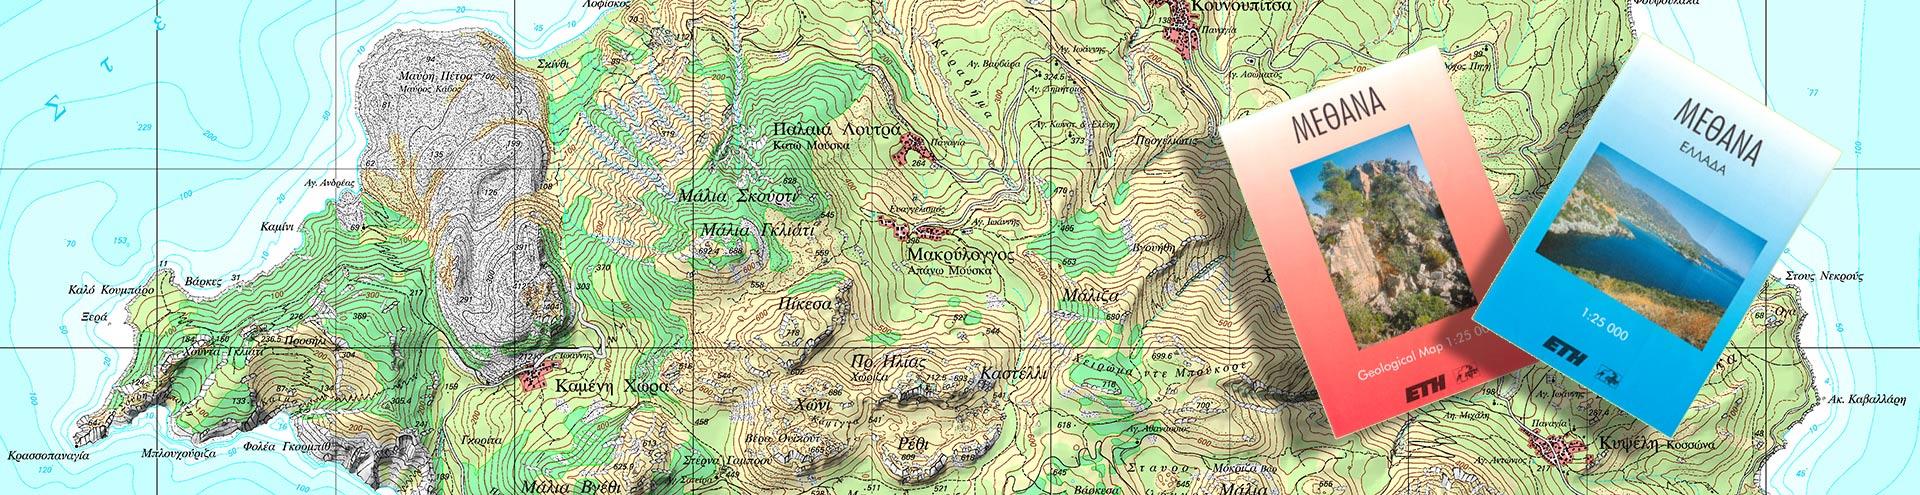 Ο τοπογραφικός χάρτης Μεθάνων